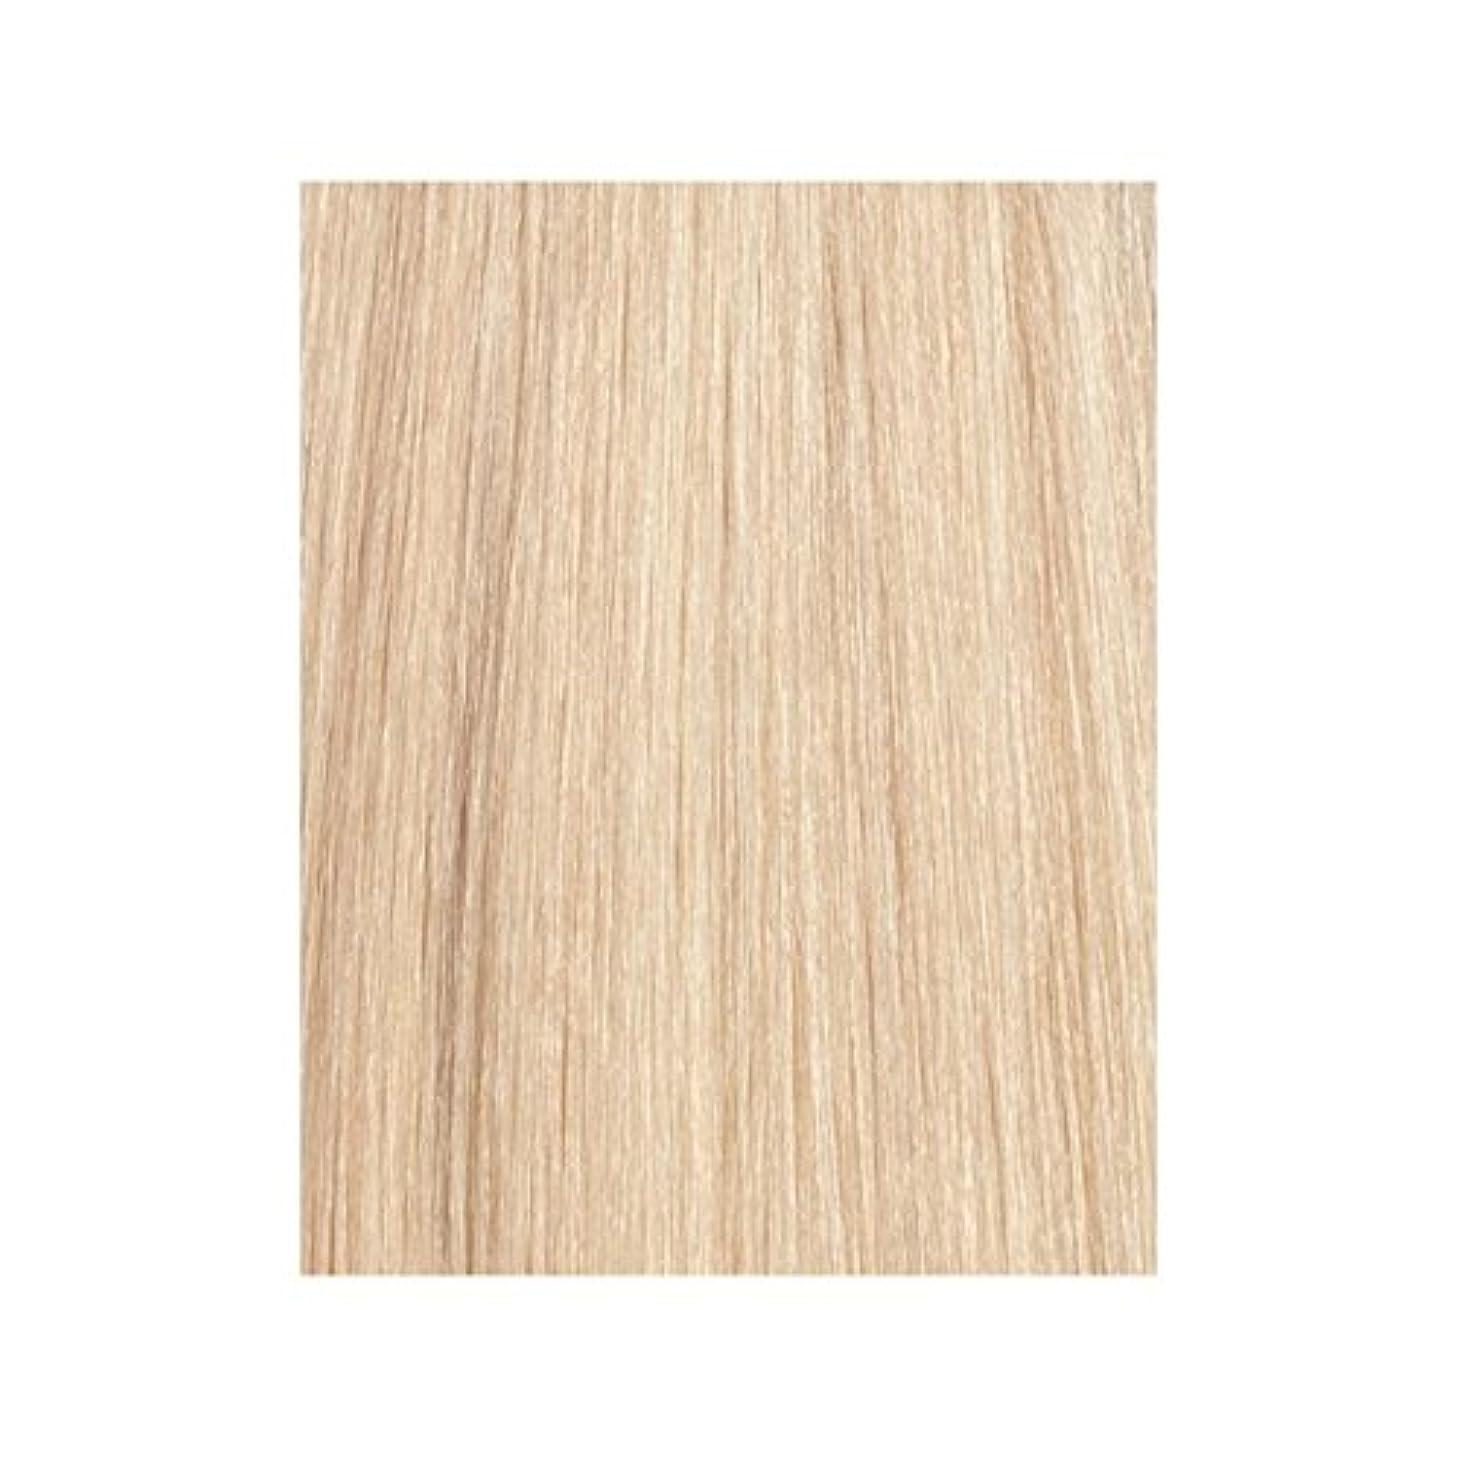 反論集中的なテーブルを設定するラ?ブロンド24分の613 - 美しさは、100%レミーの色見本ヘアエクステンションの作品 x4 - Beauty Works 100% Remy Colour Swatch Hair Extension - La Blonde 613/24 (Pack of 4) [並行輸入品]